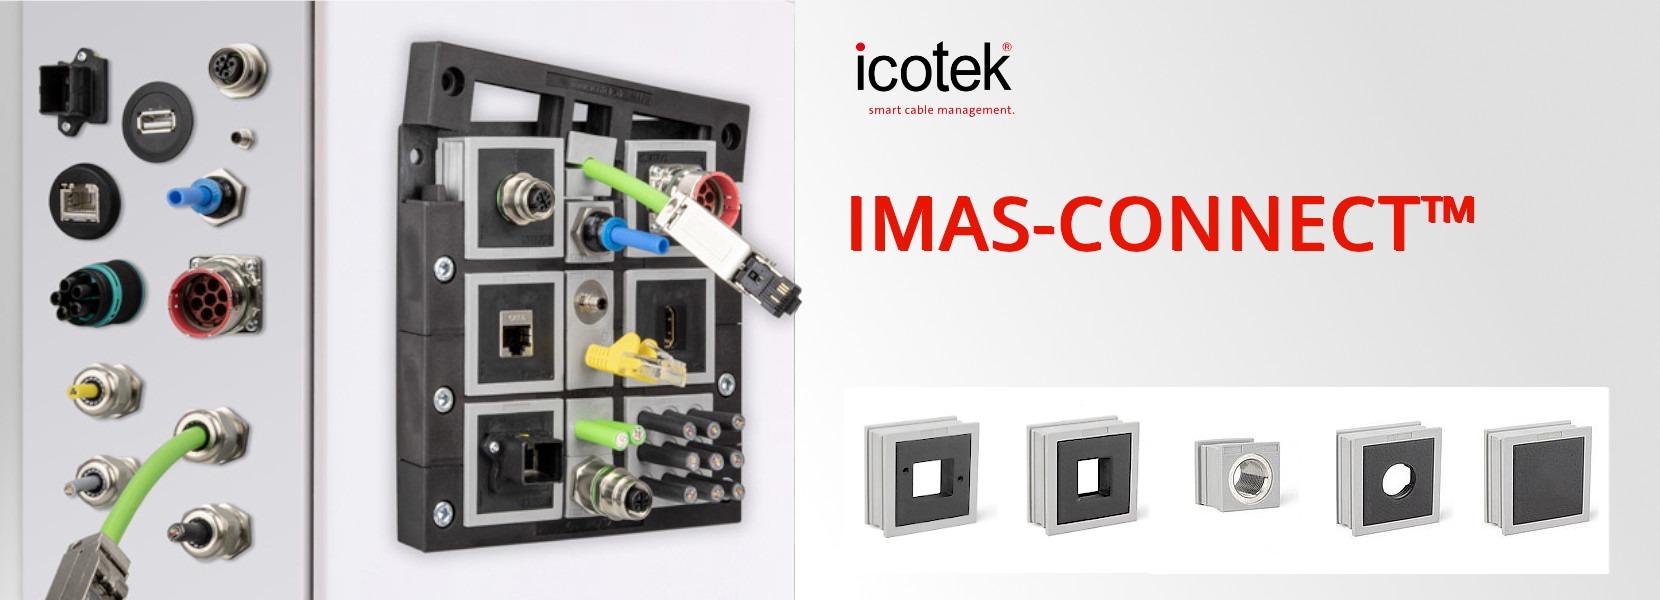 IMAS-CONNECT™